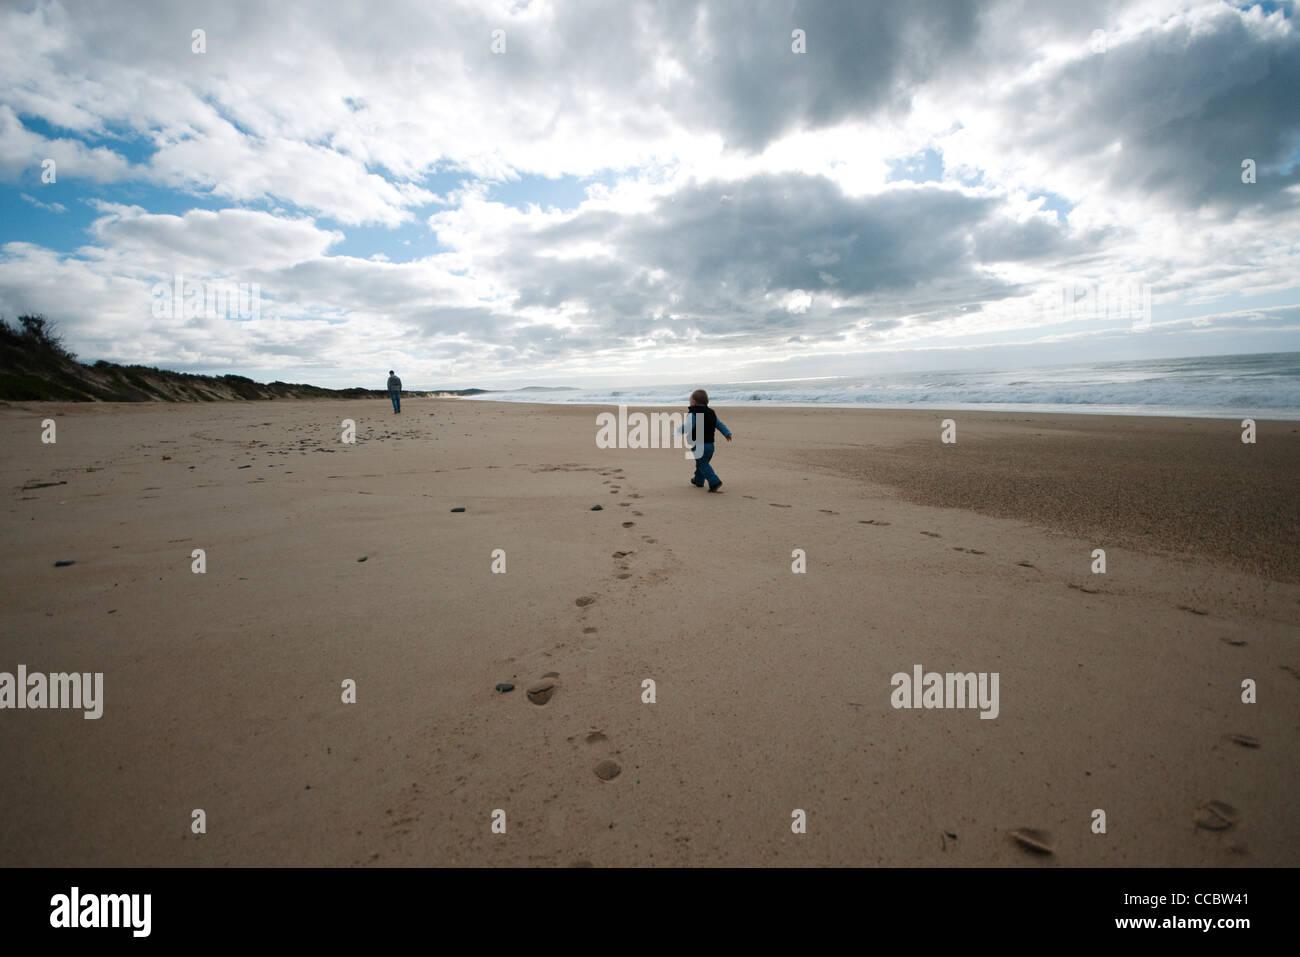 Toddler walking on beach - Stock Image